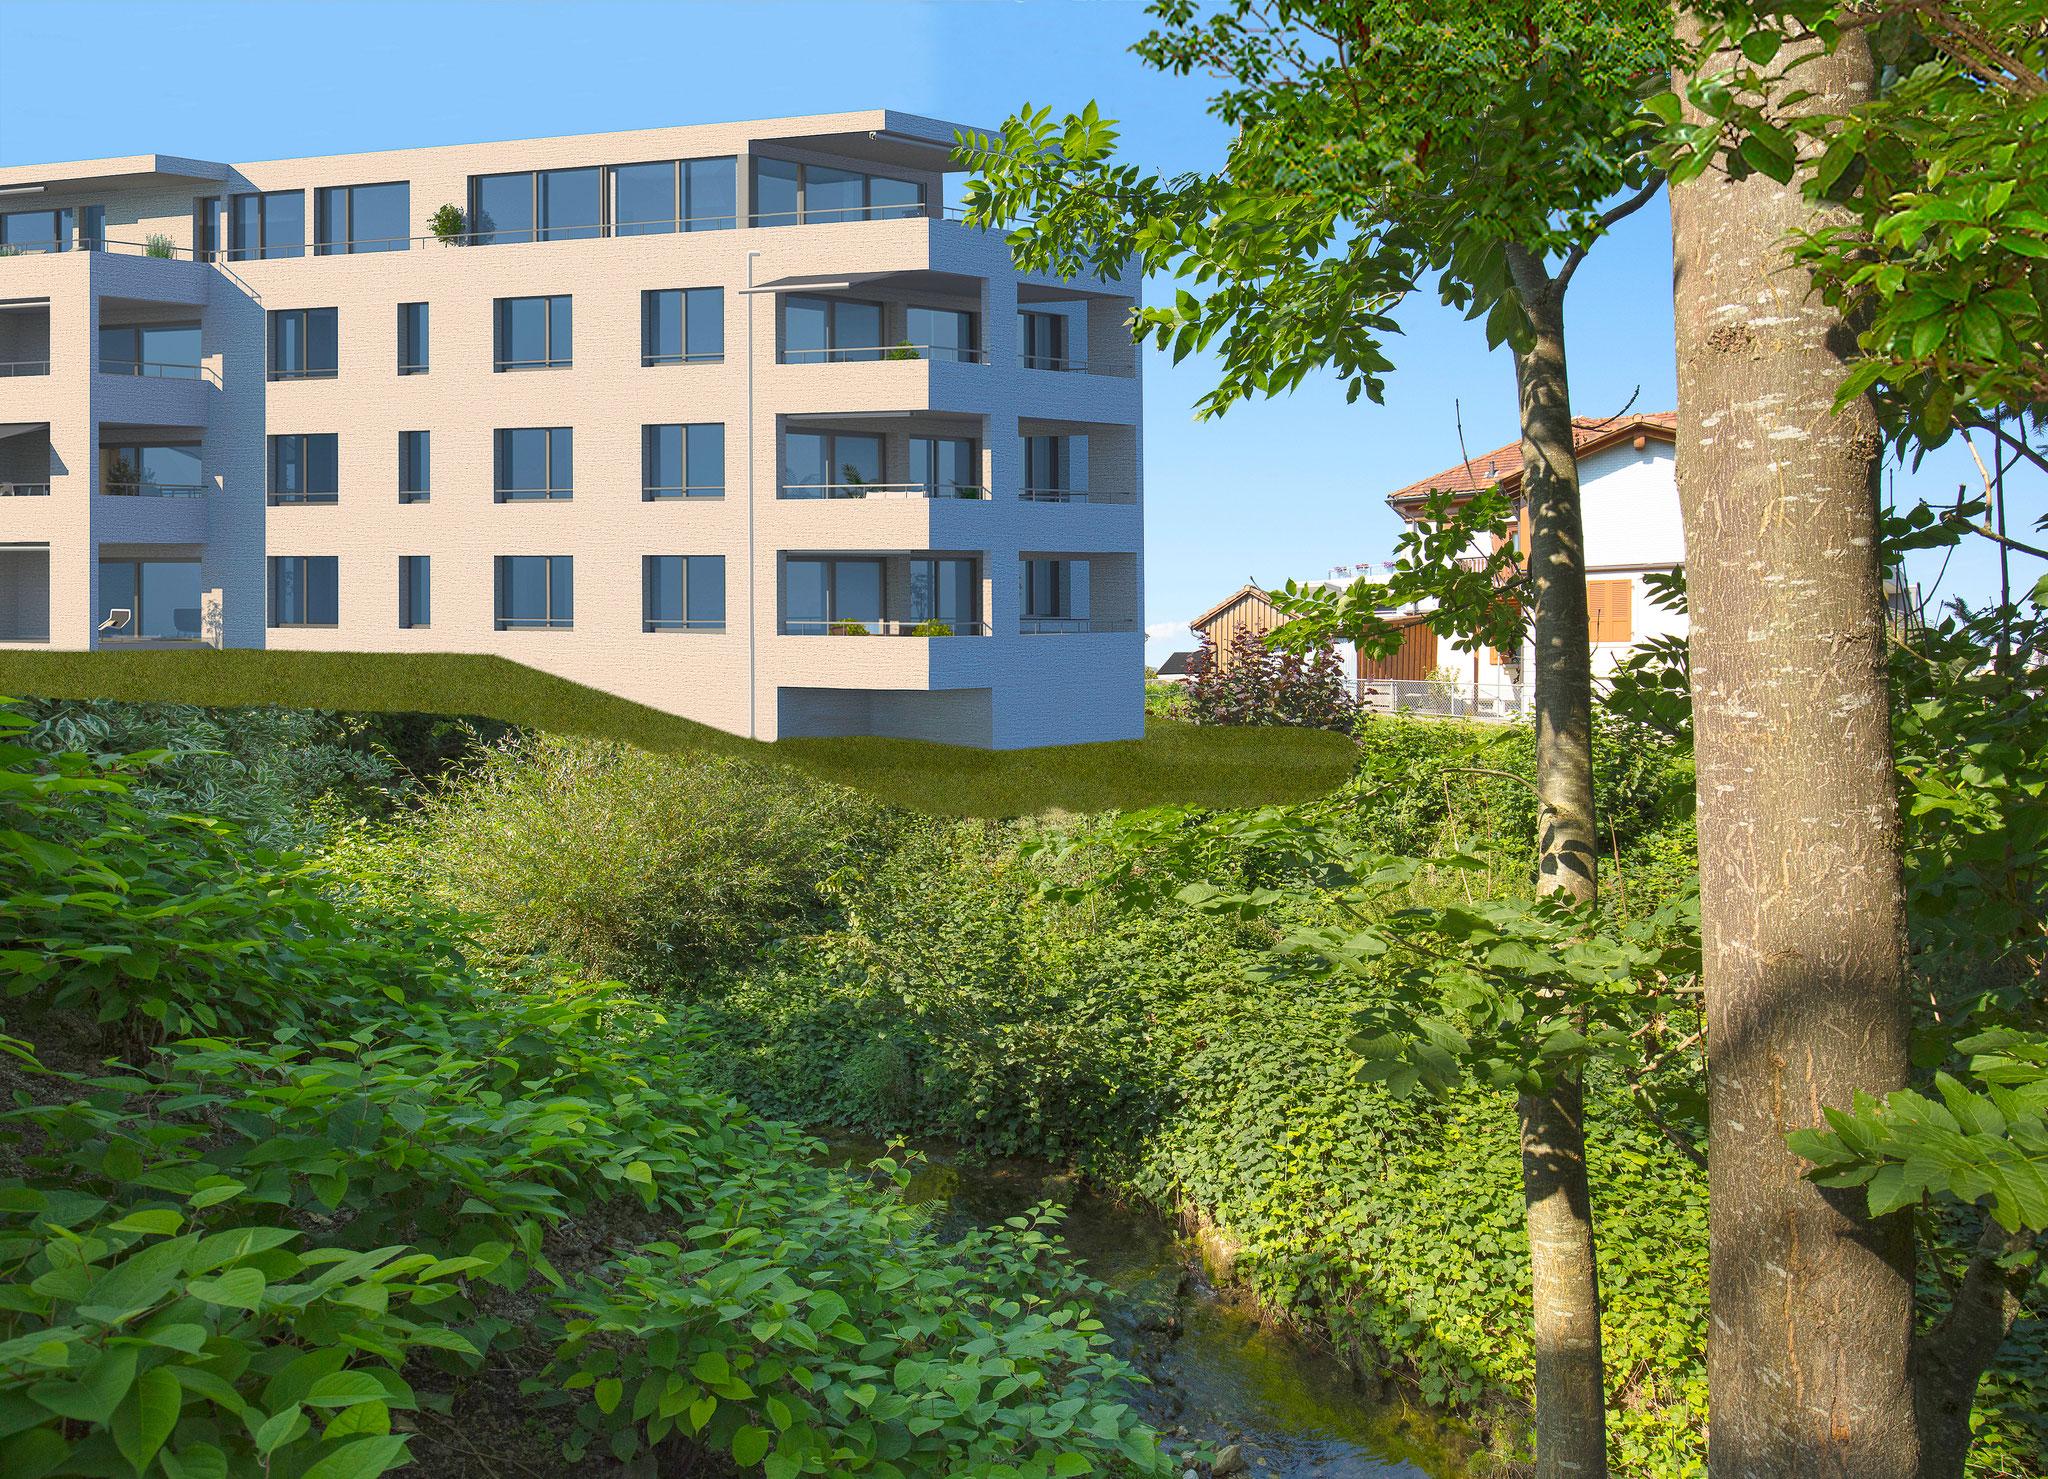 Der Baukörper mit seinen loggiaartigen Terrassen und Balkonen ist natürlich in die schöne Umgebung eingebettet.